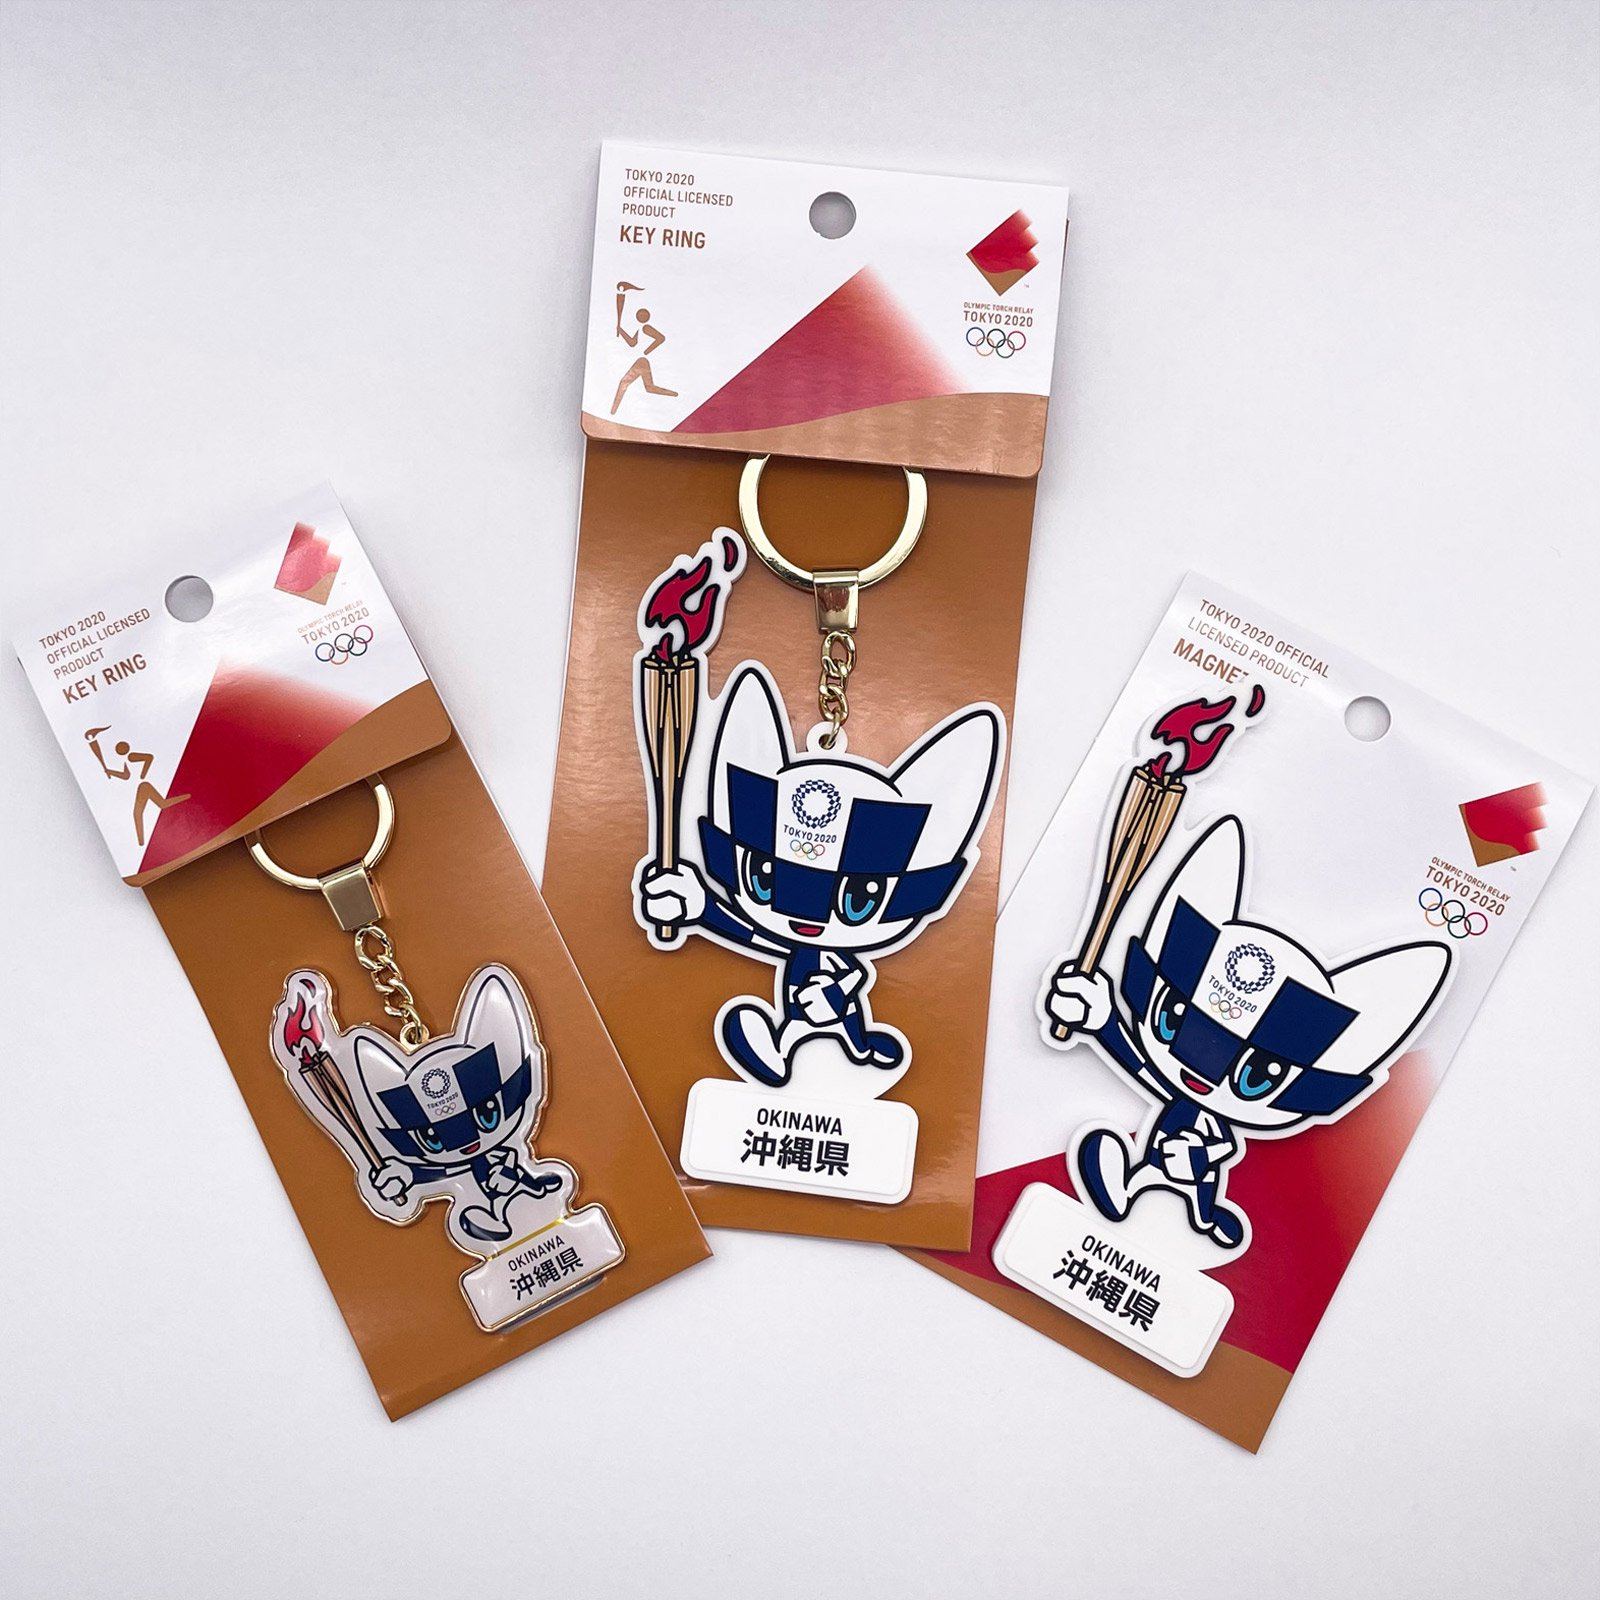 【セール価格】【お得なセット】東京2020オリンピック聖火リレーマスコット商品:沖縄県セット